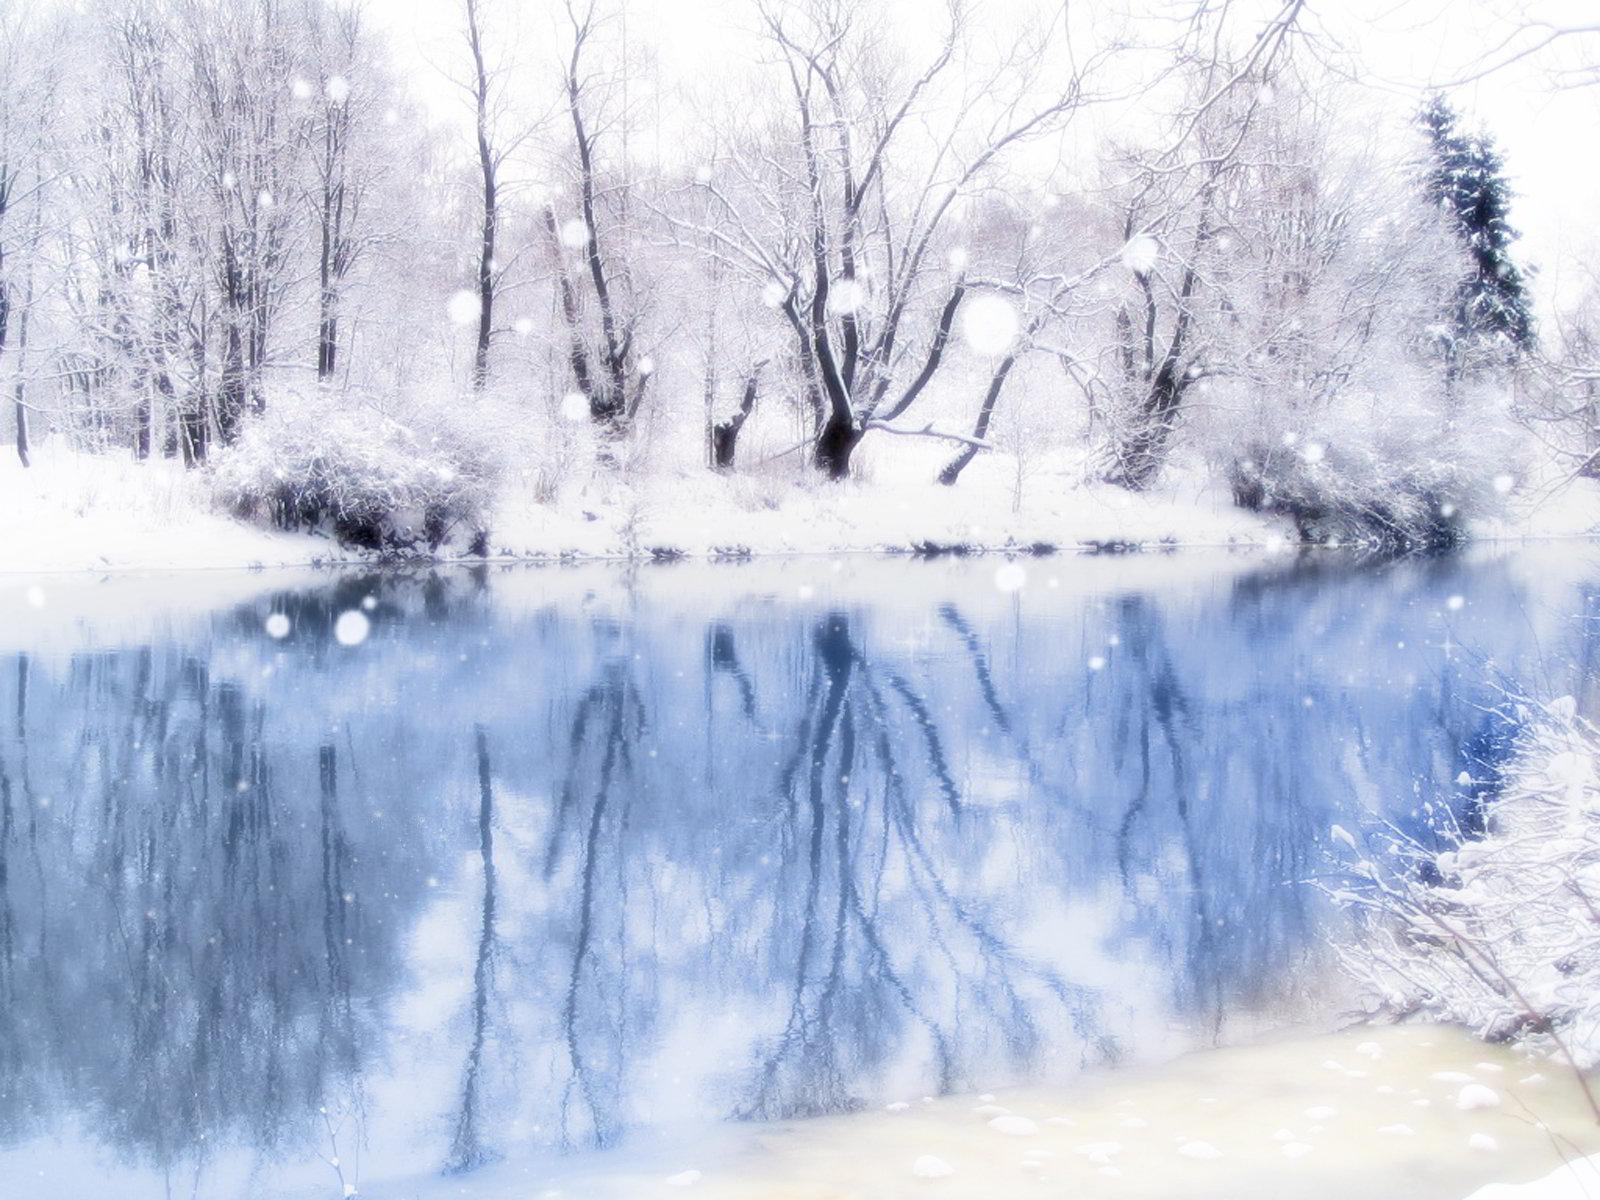 tải ảnh phong cảnh mùa đông